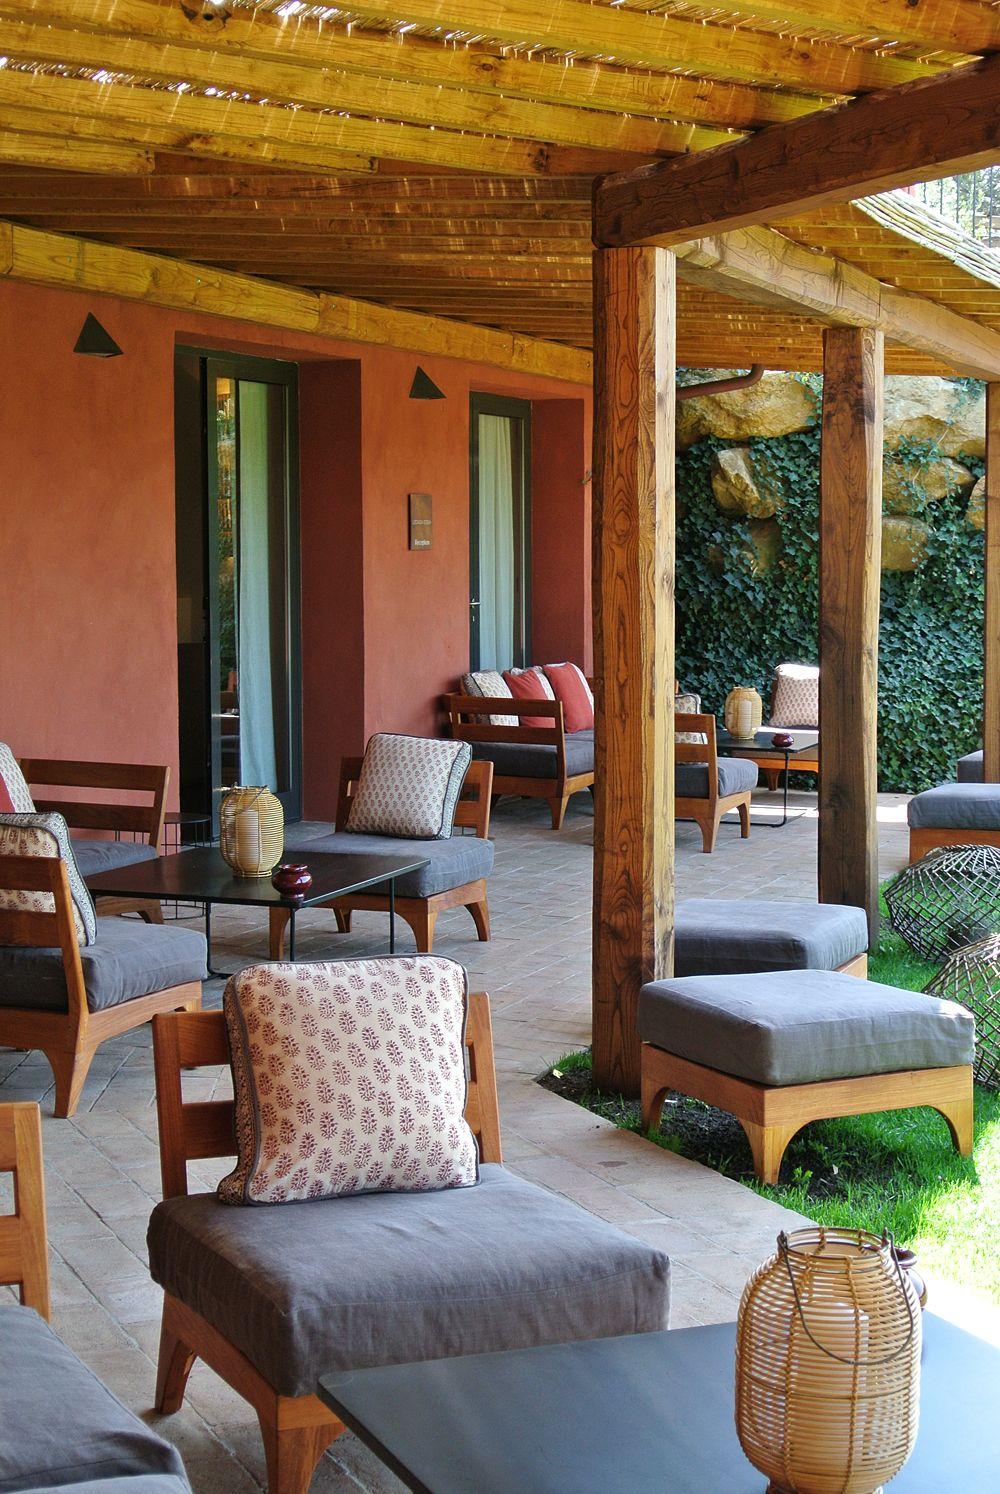 Locanda Rossa in Tuscany a historic farmhouse conversion